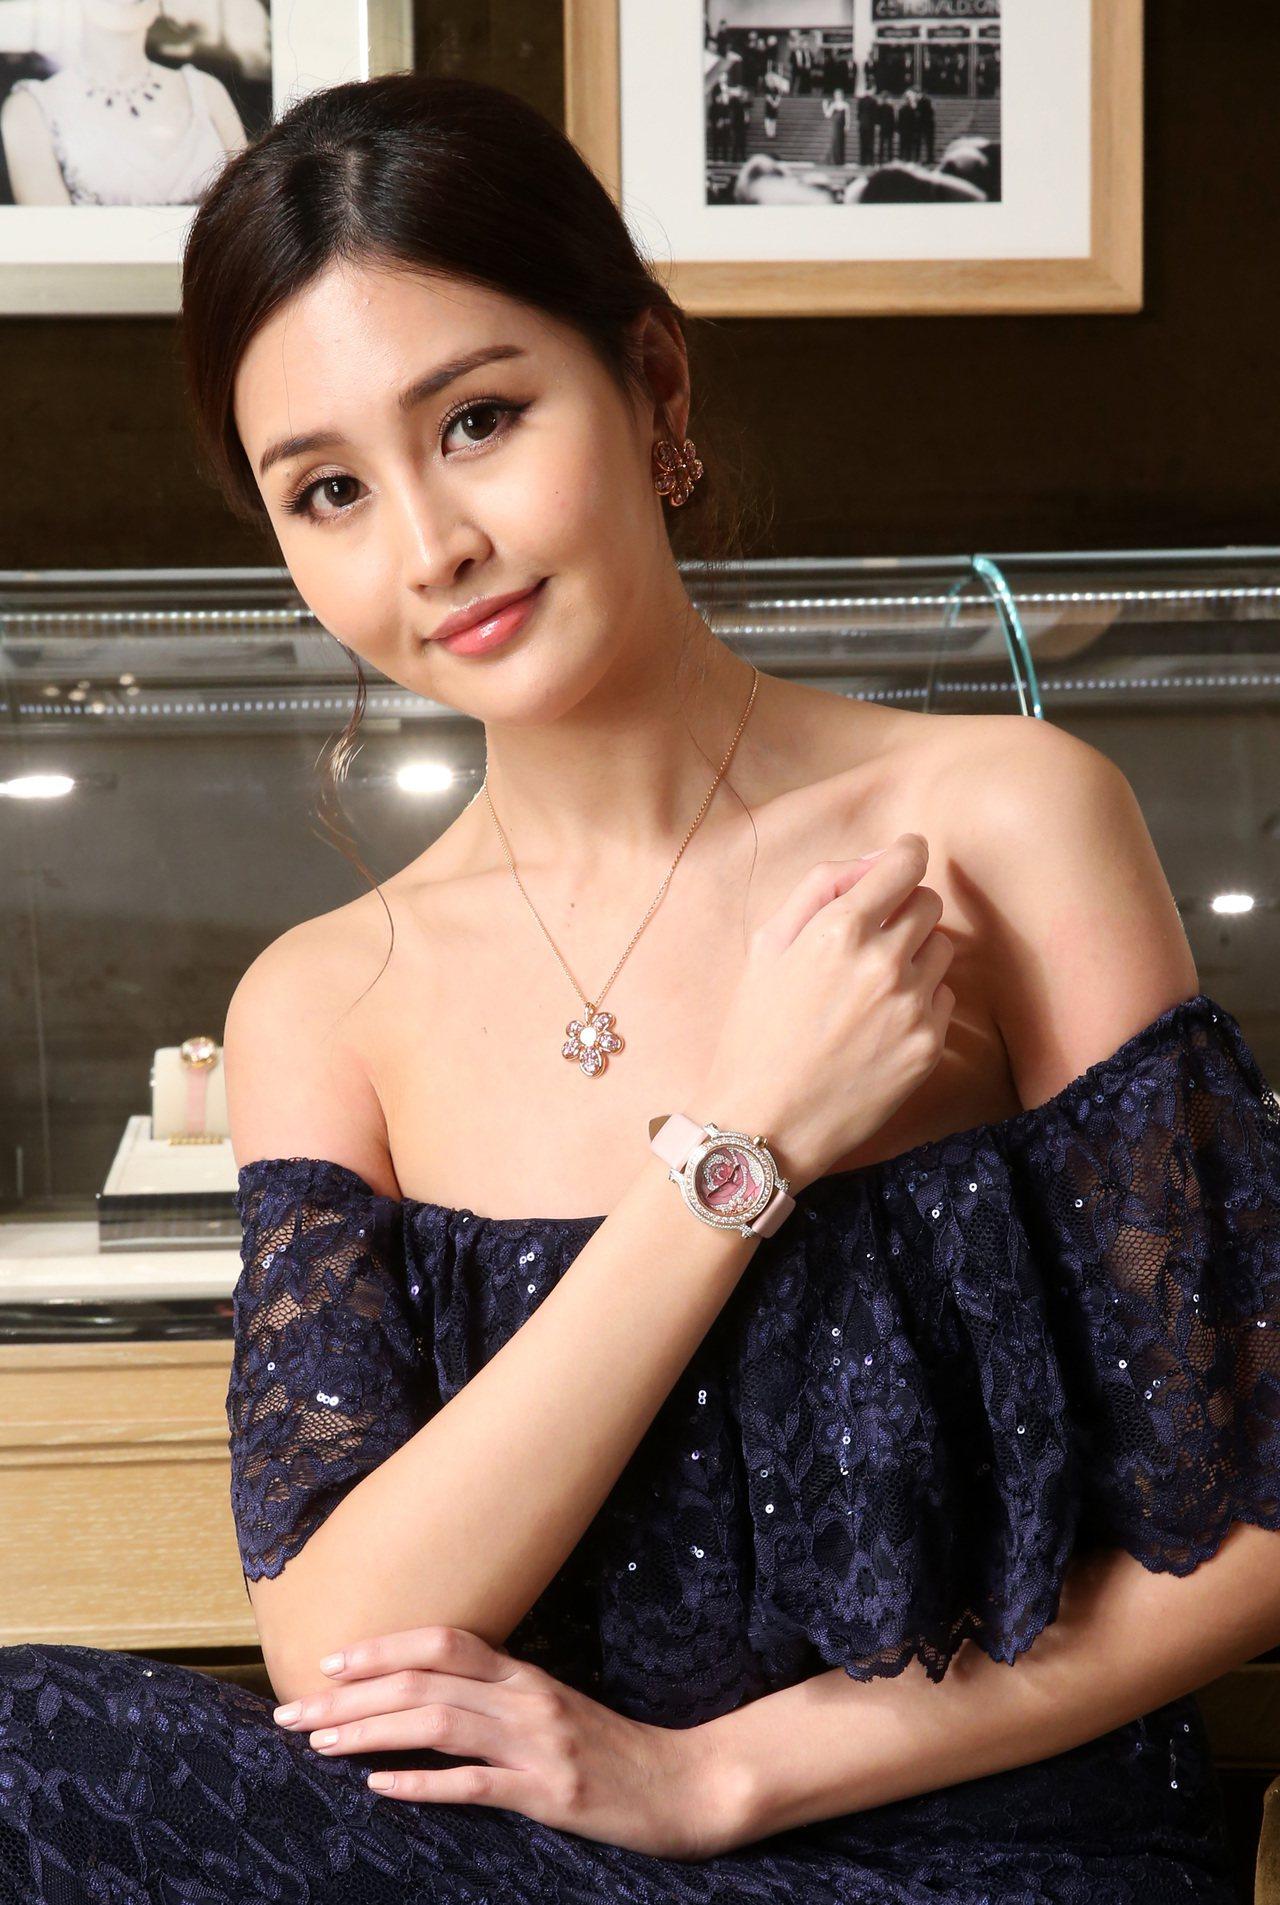 名模林葦茹配戴蕭邦花朵系列珠寶腕表。記者/ 胡經周攝影